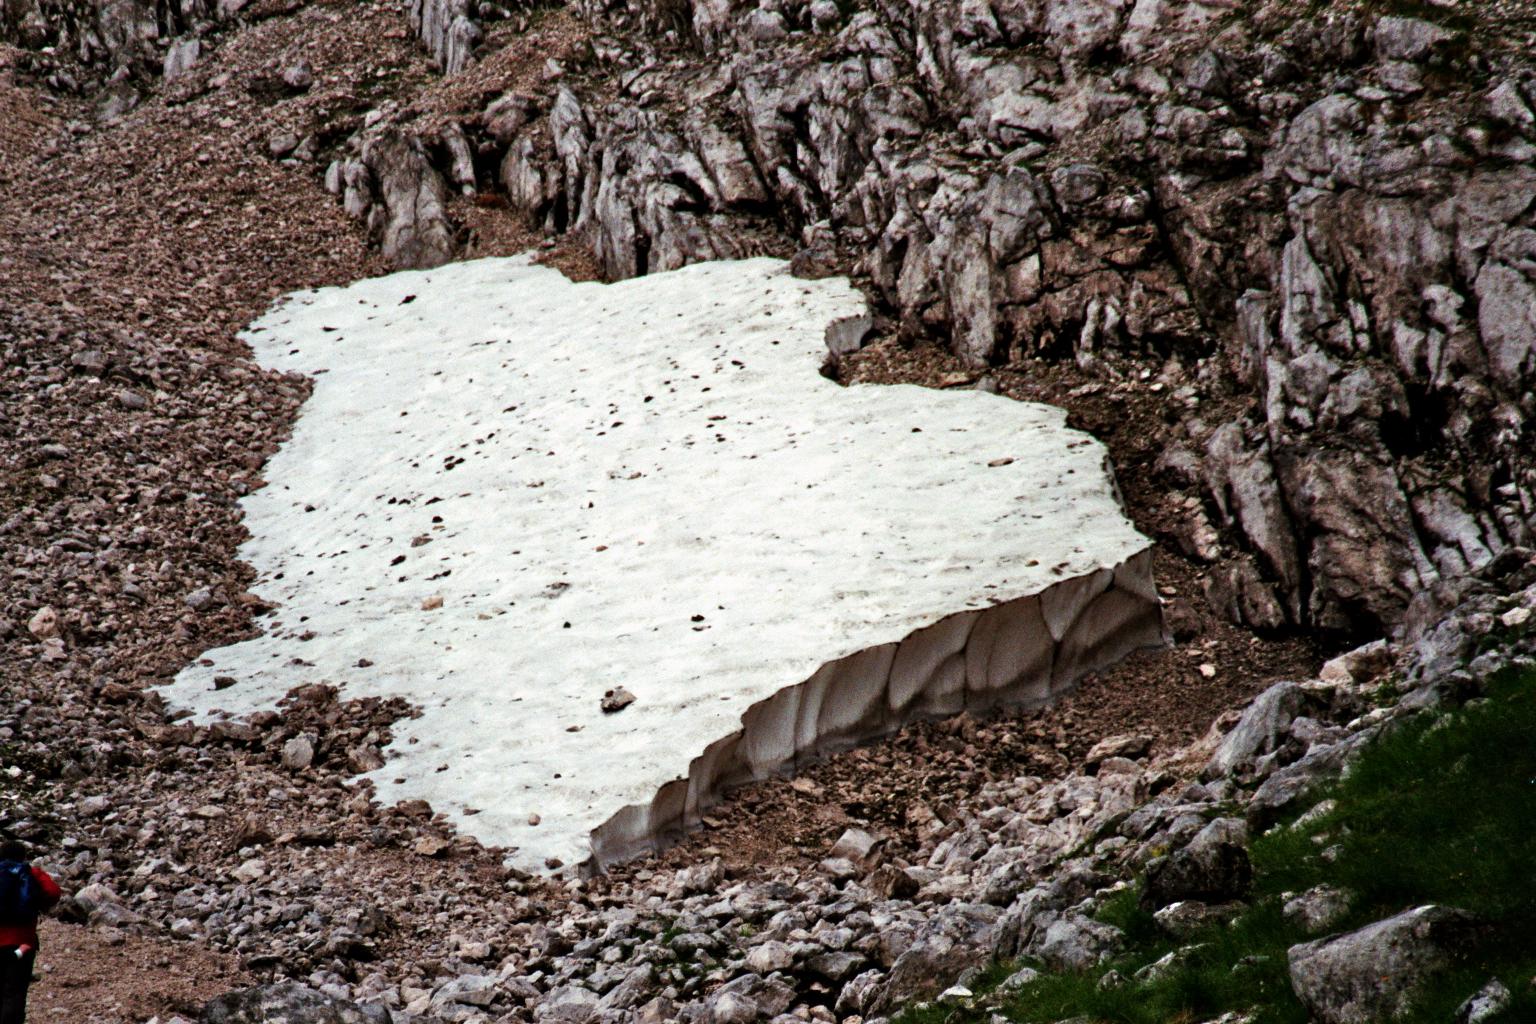 Alpspix-Wanderung (Gletscherrest)